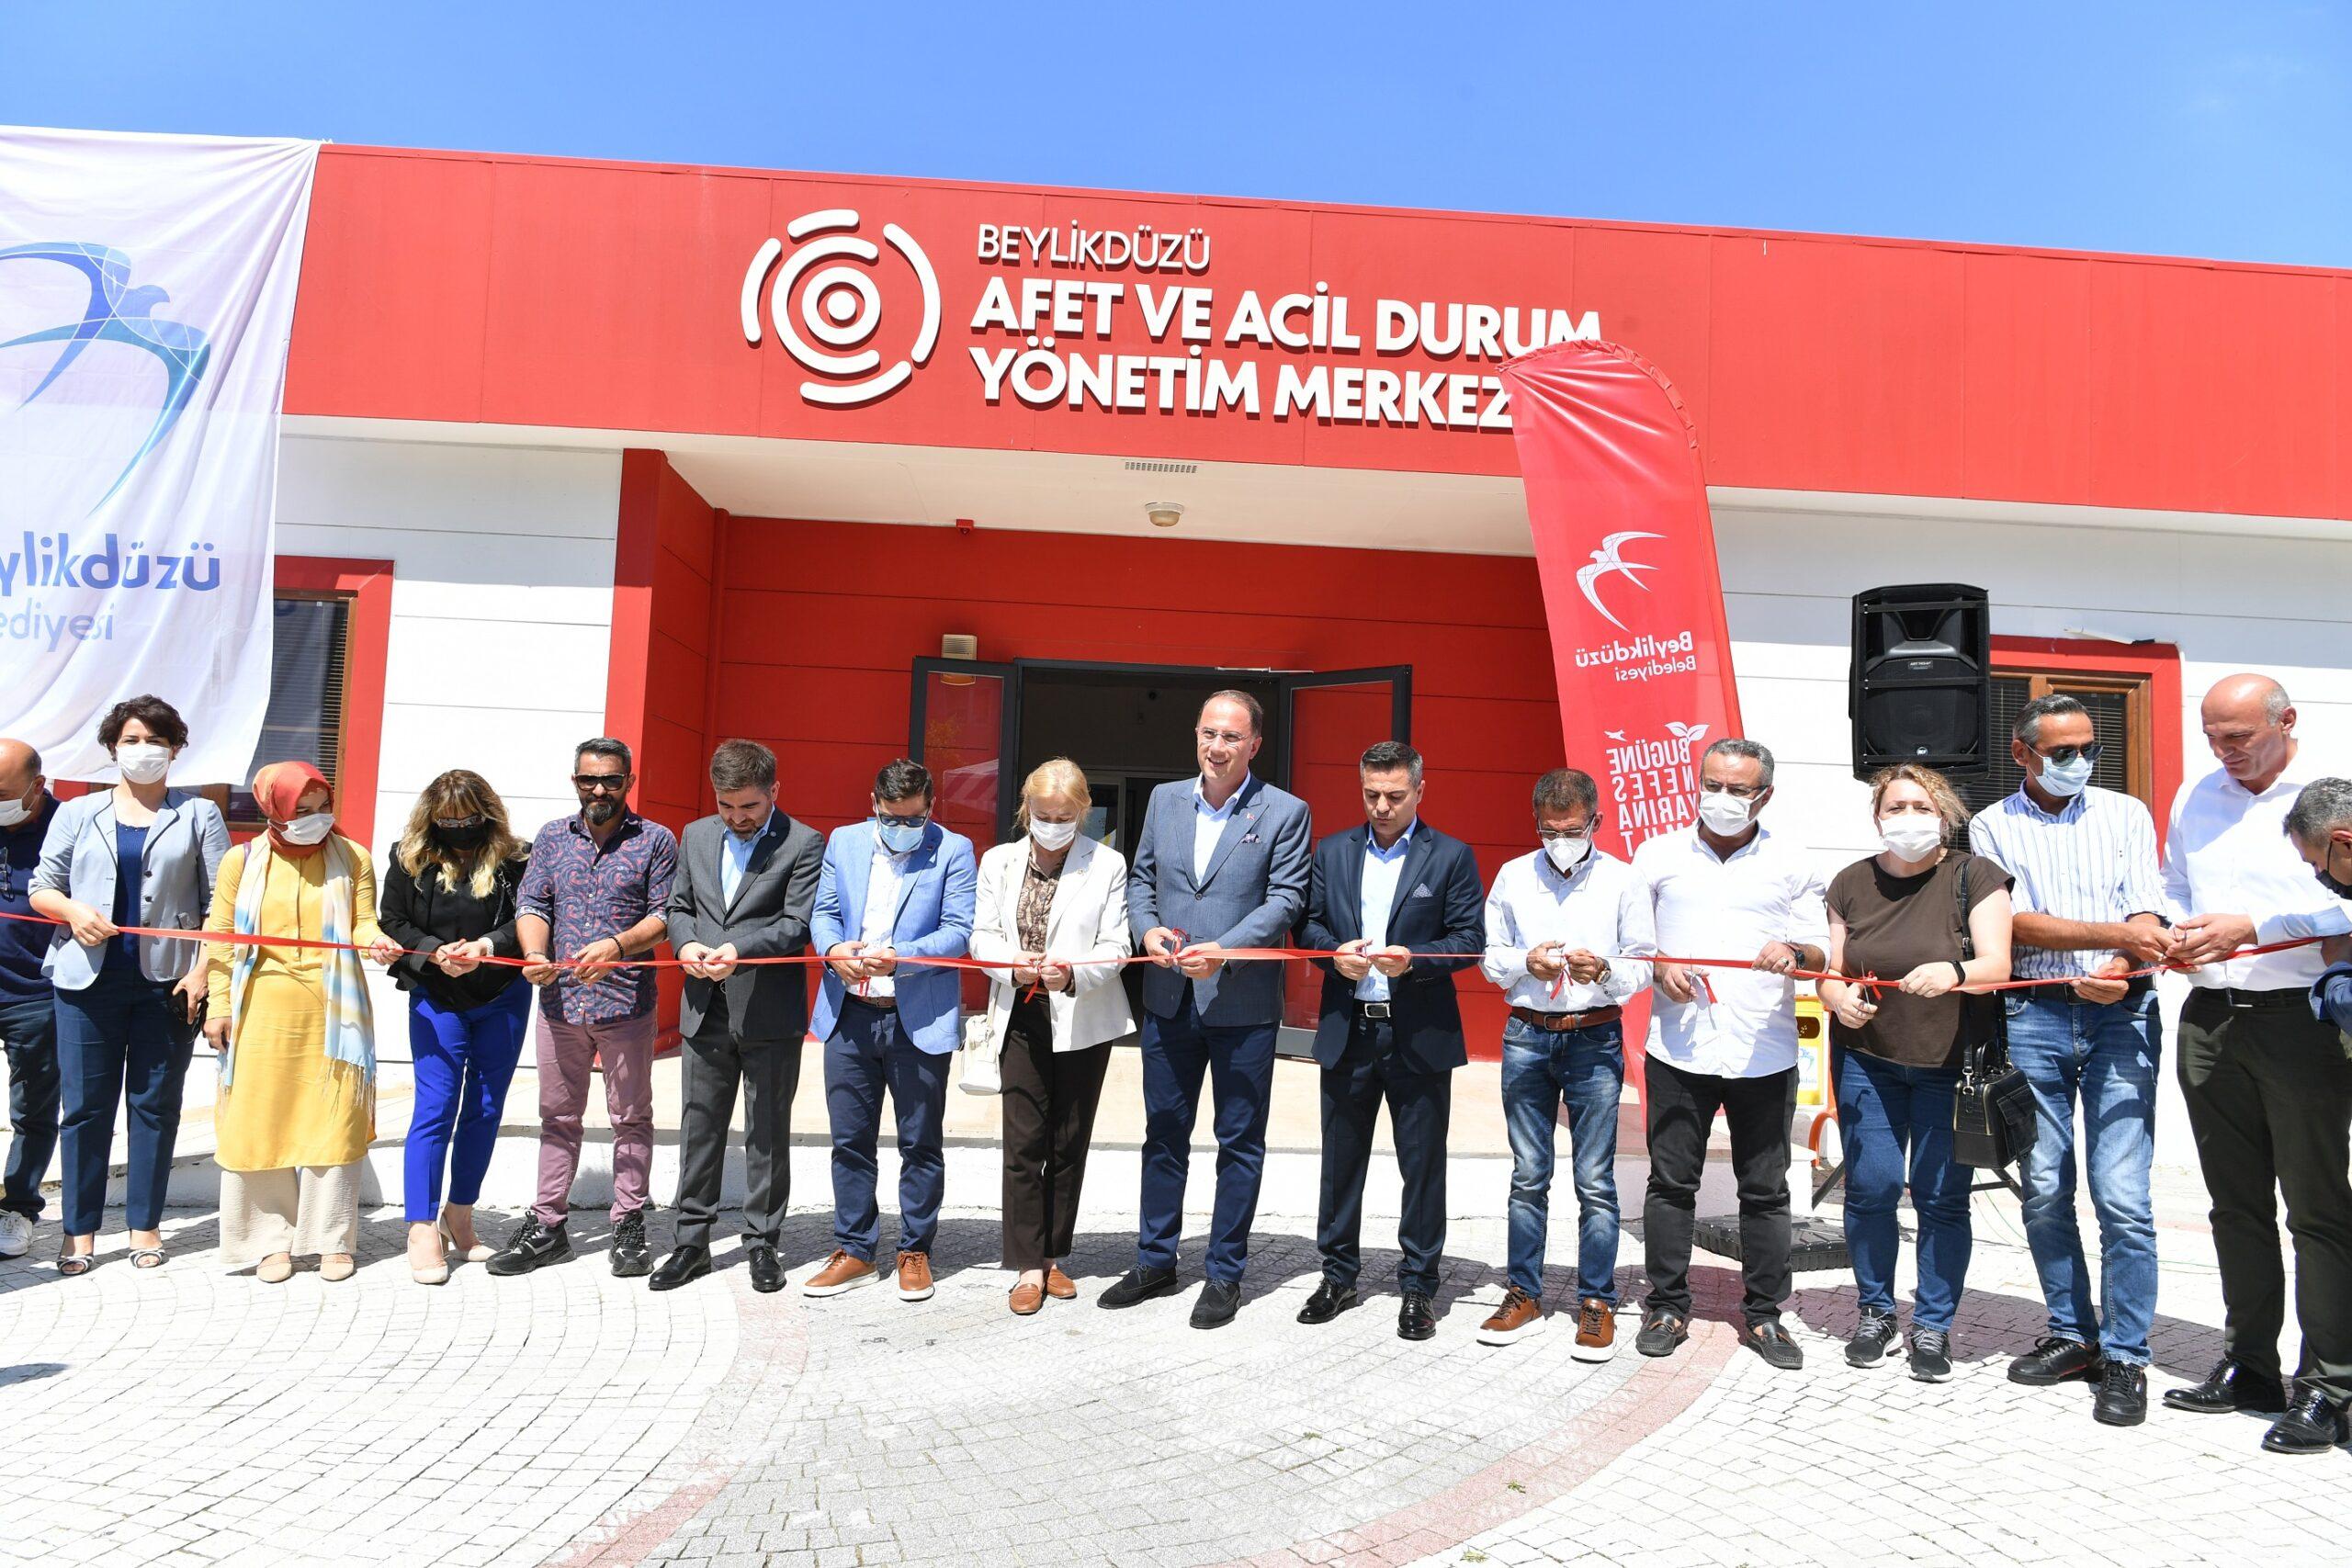 Beylikdüzü Afet ve Acil Durum Yönetim Merkezi Açıldı